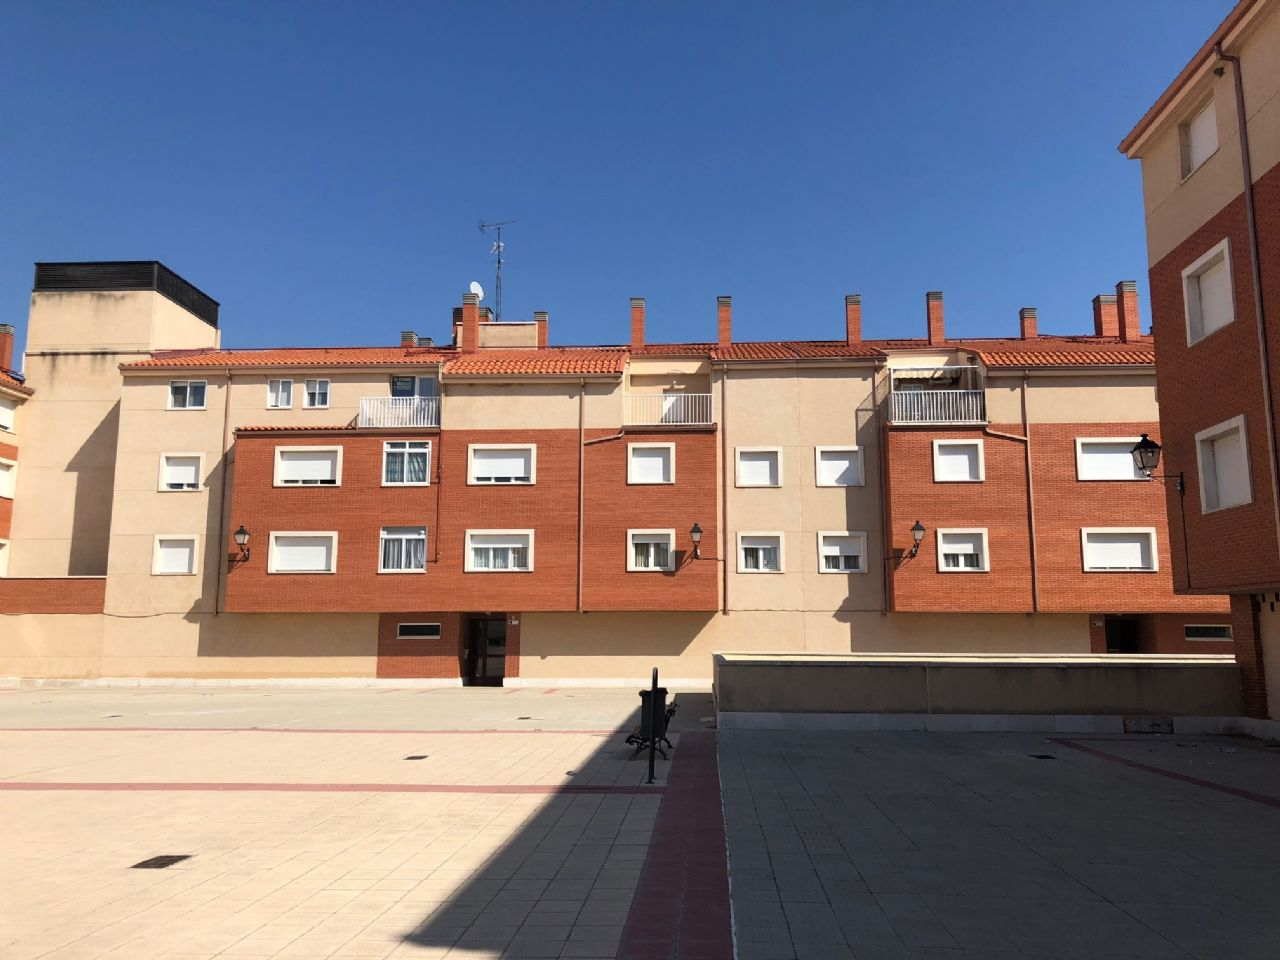 Piso en Medina del Campo, MERCADONA, venta